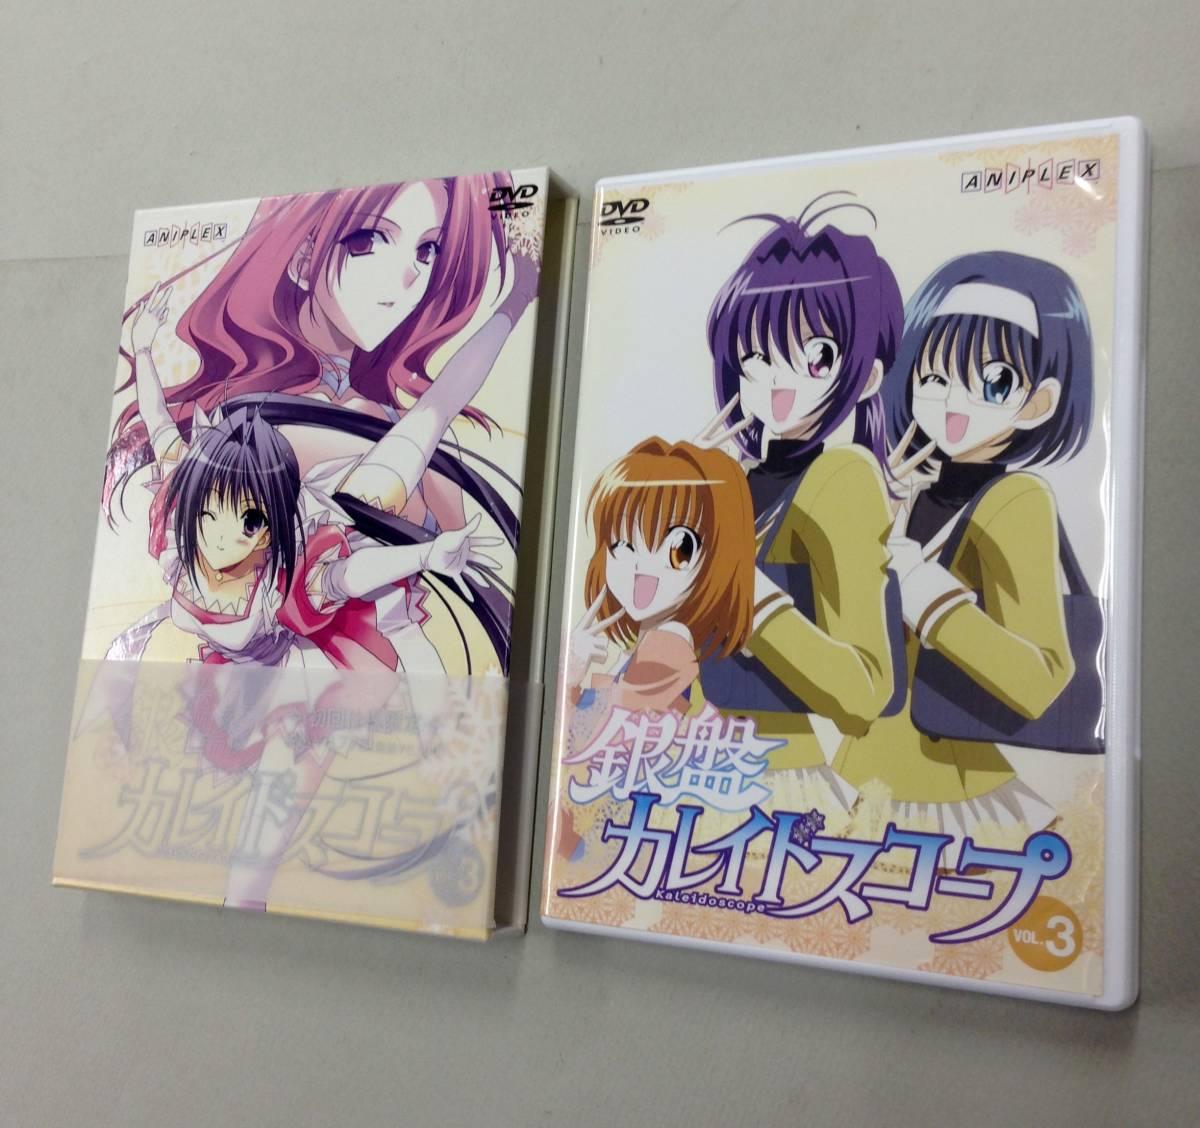 即決!初回限定版!DVD「銀盤カレイドスコープ」セット_画像7